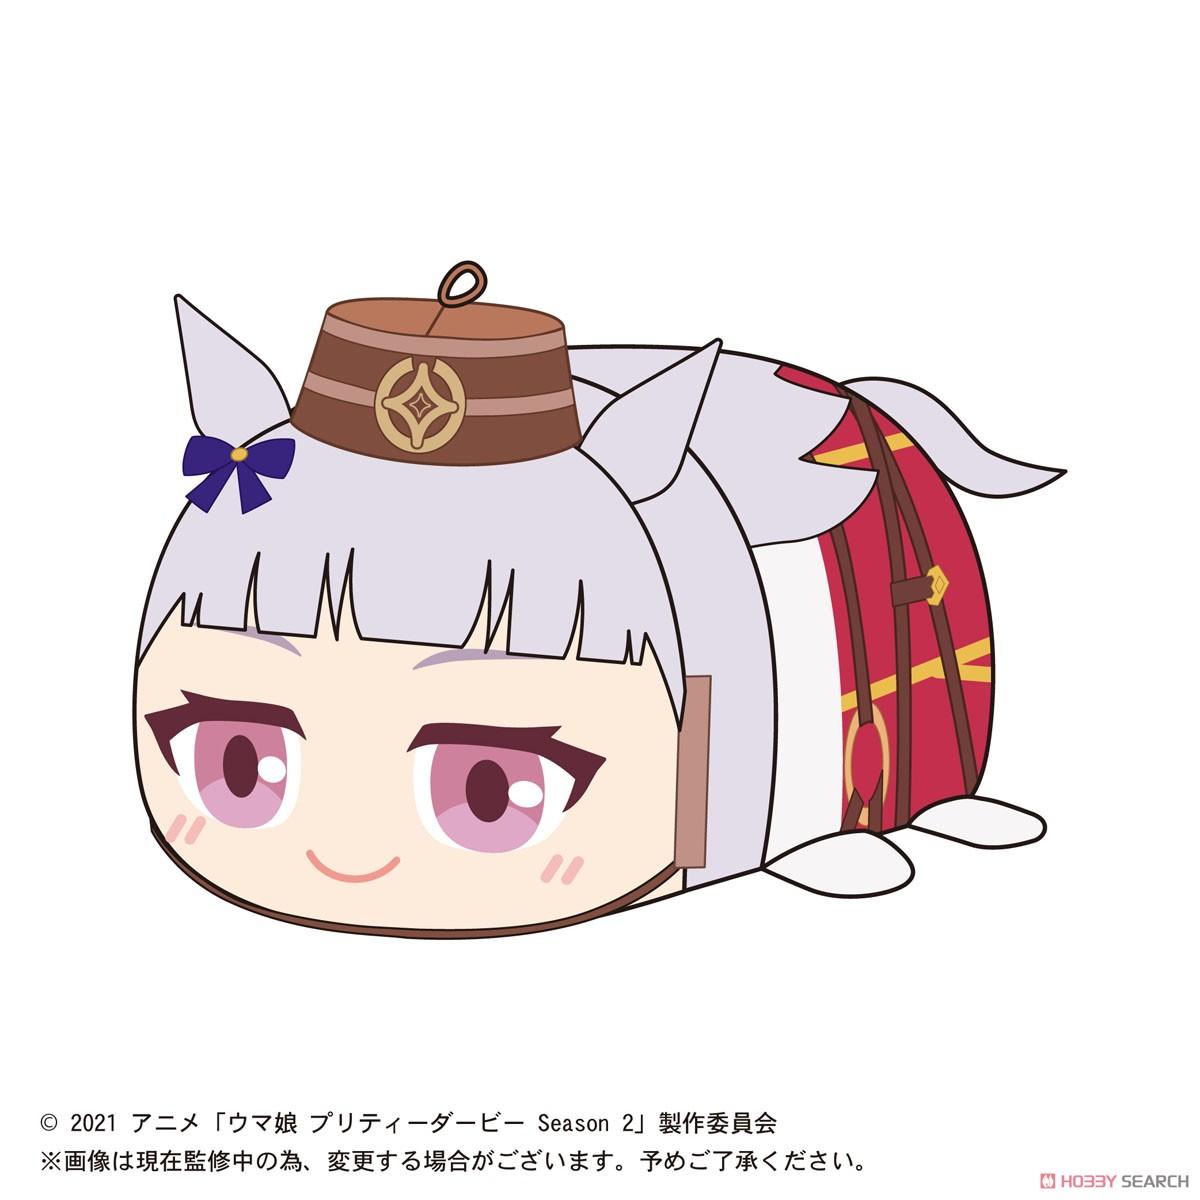 ウマ娘『TVアニメ ウマ娘 プリティーダービー Season2 ぽてコロマスコット』8個入りBOX-004